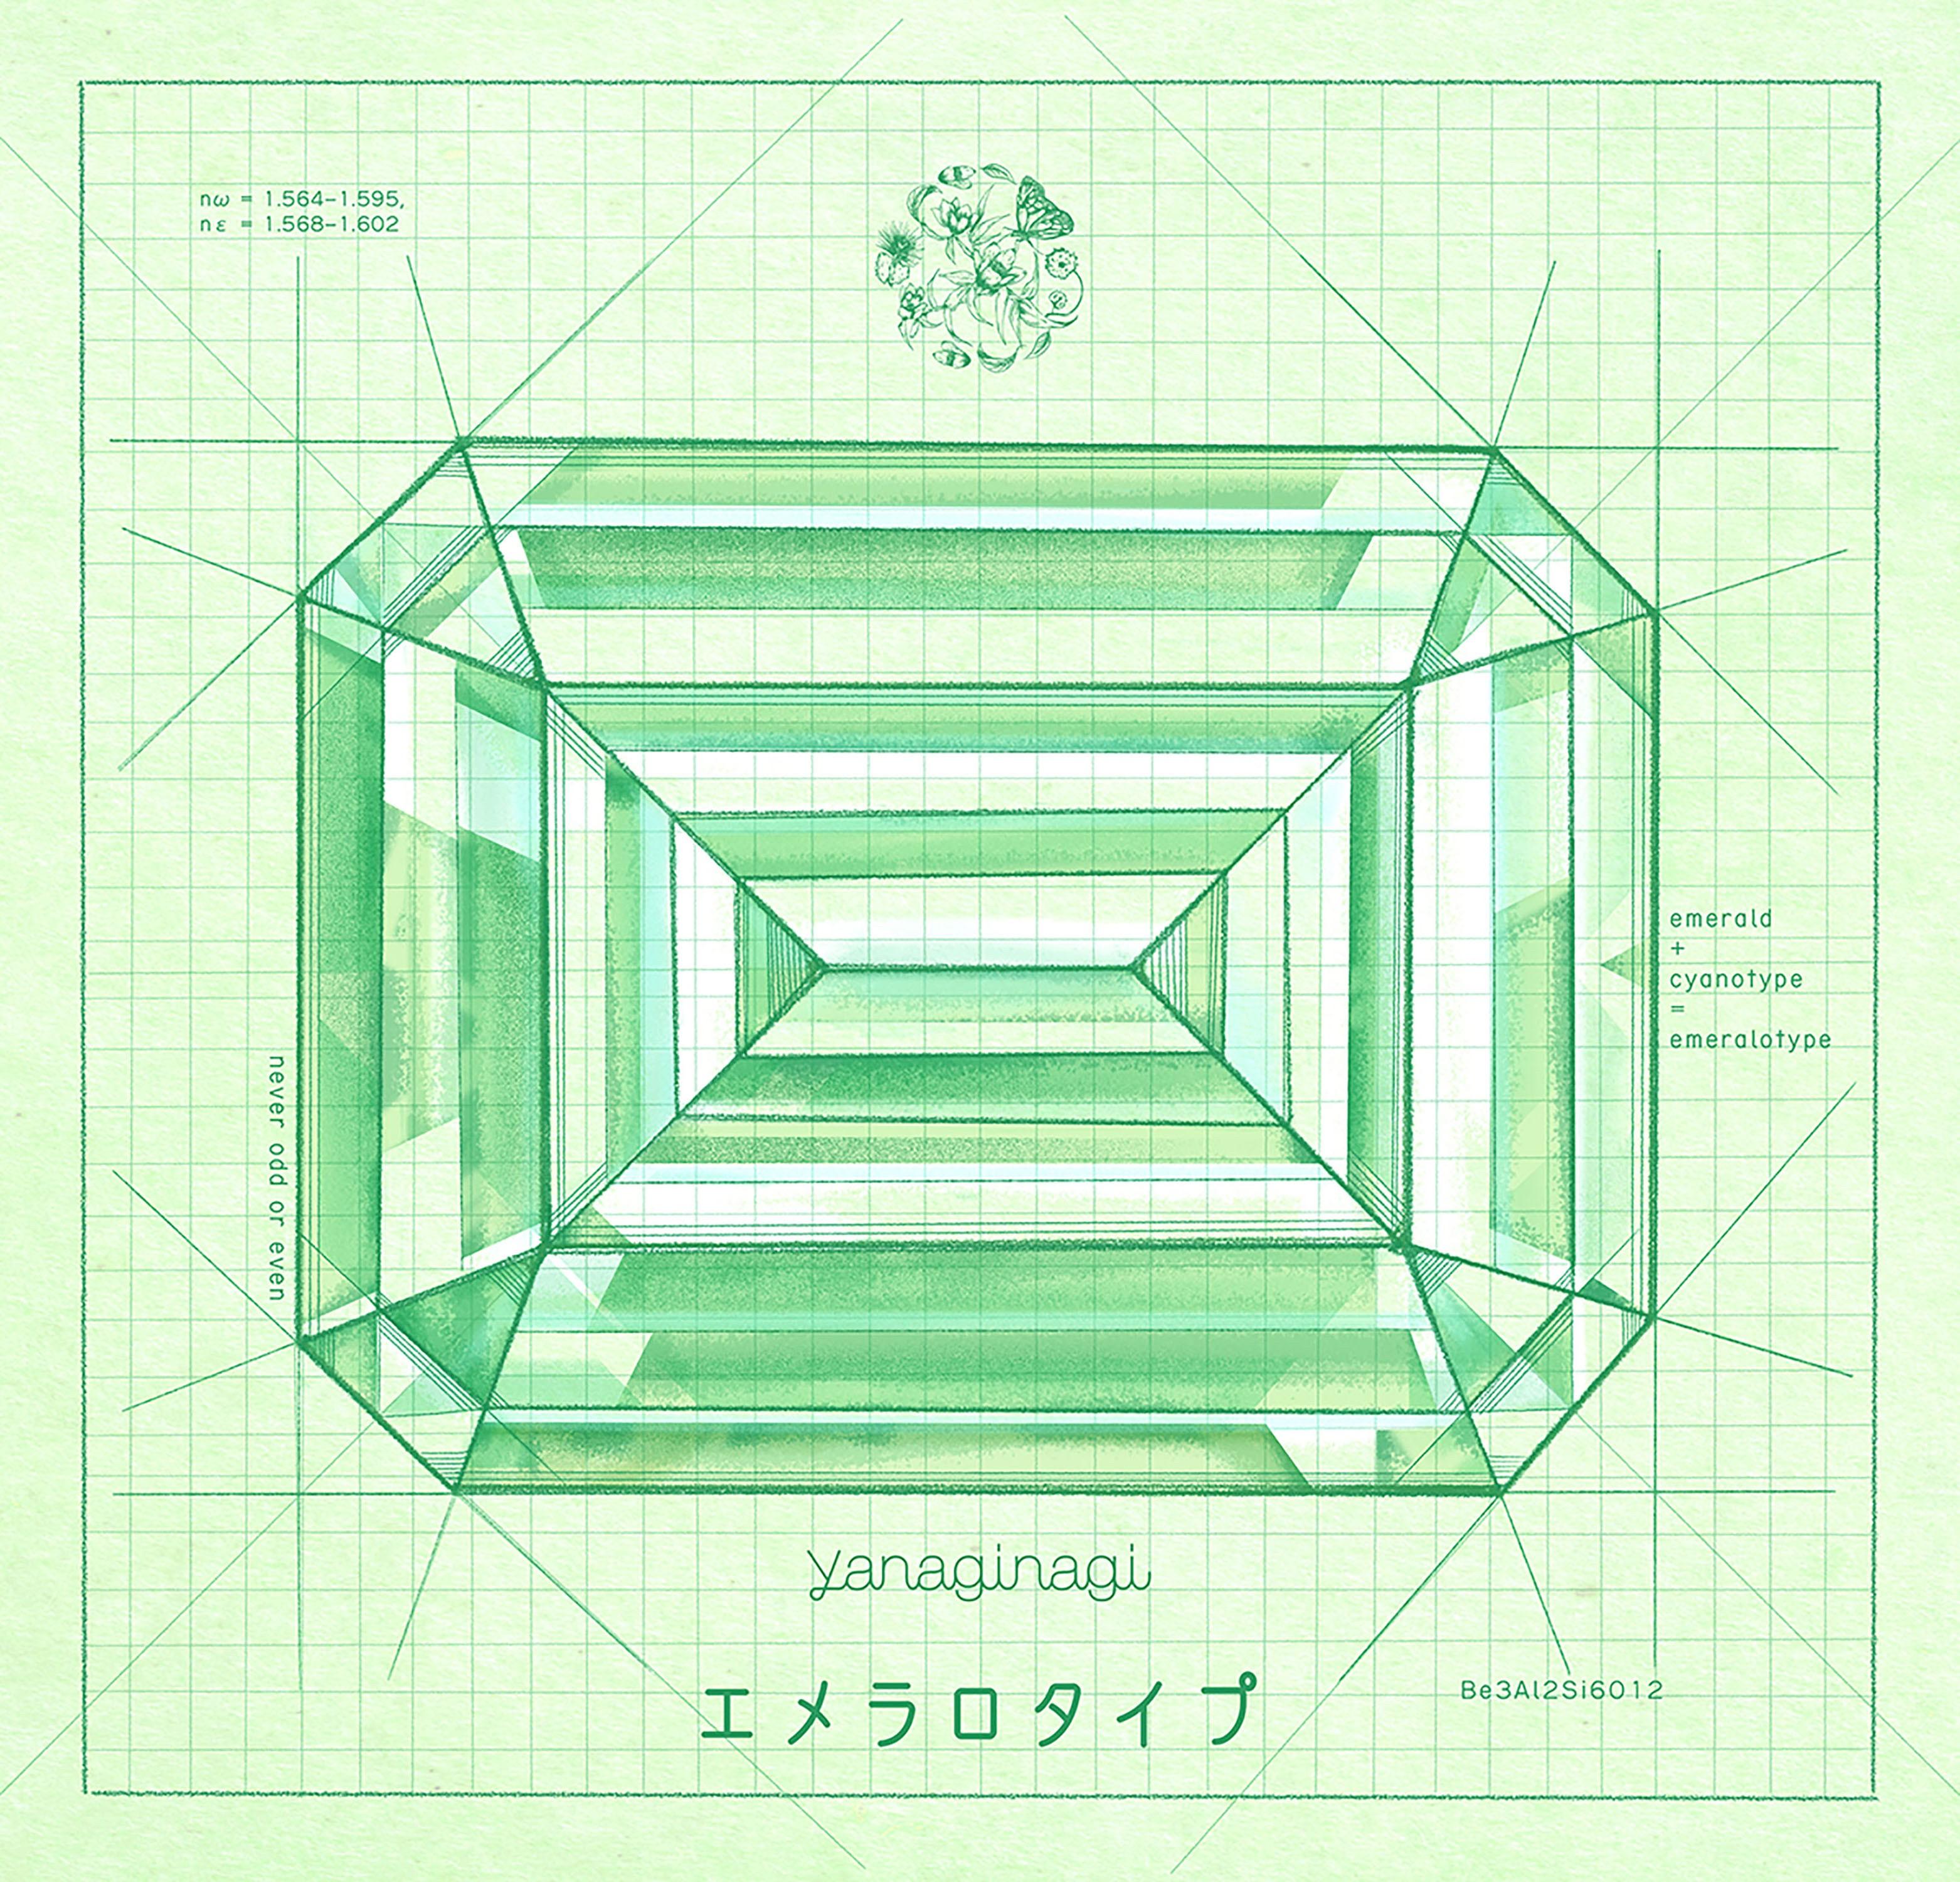 yanaginagi (やなぎなぎ) – エメラロタイプ [FLAC / WEB] [2020.12.09]